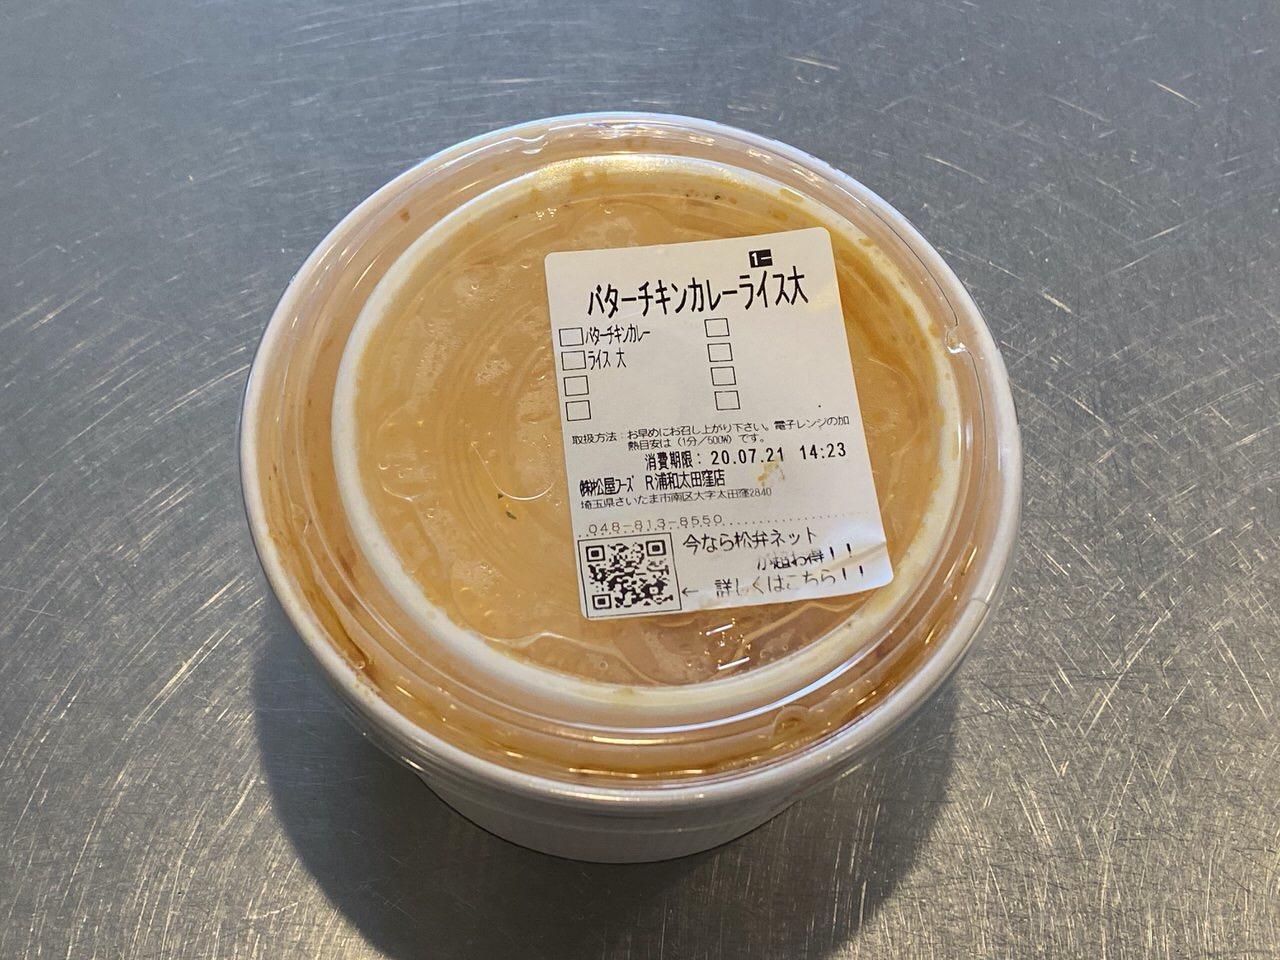 【松屋】「ごろごろチキンのバターチキンカレー」7